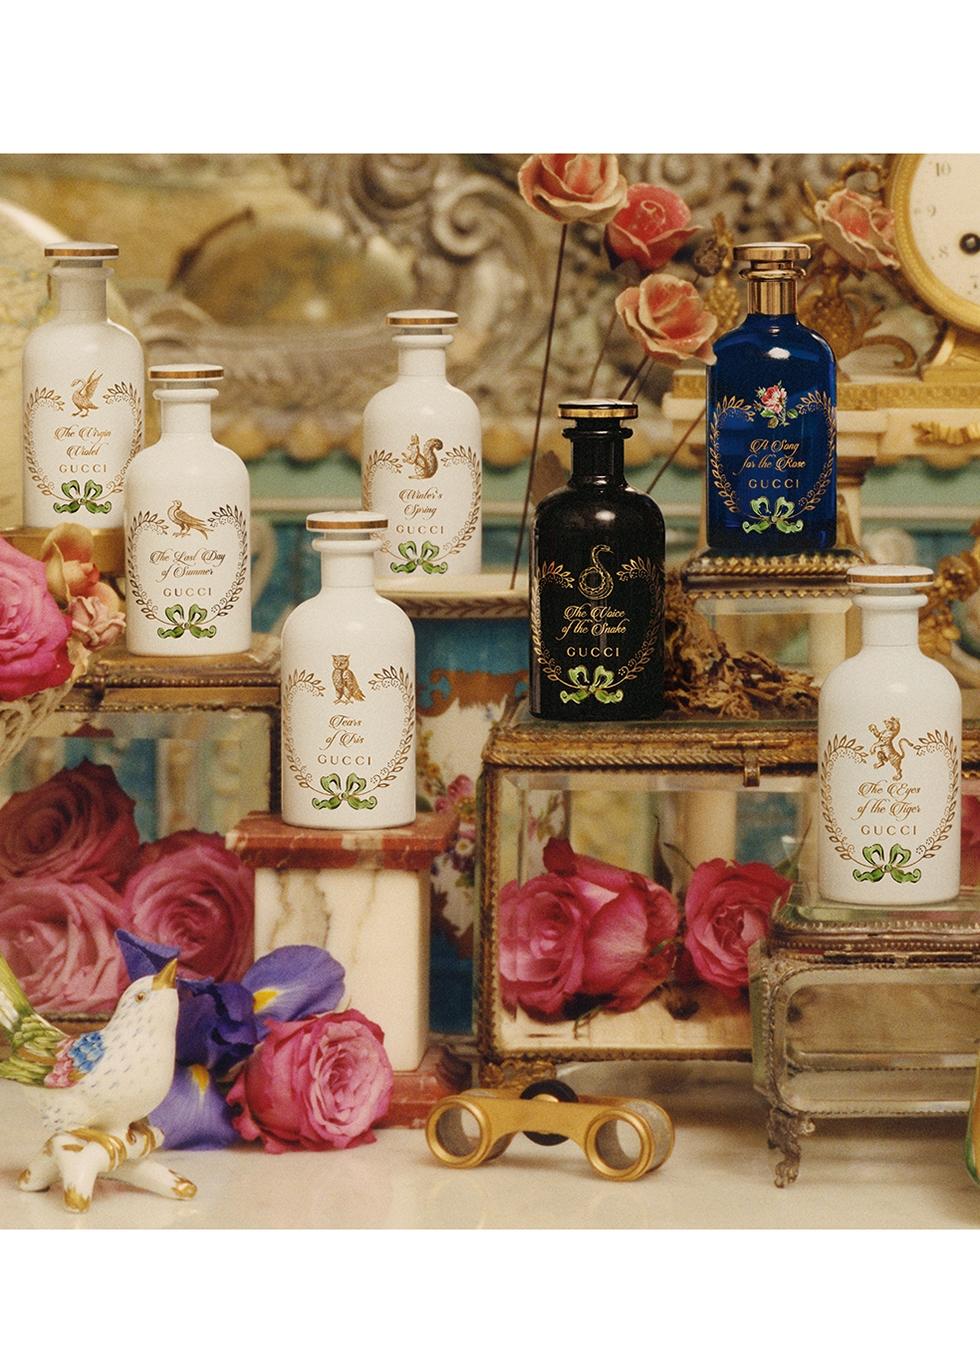 The Alchemist's Garden A Song For The Rose Eau De Parfum 100ml - Gucci